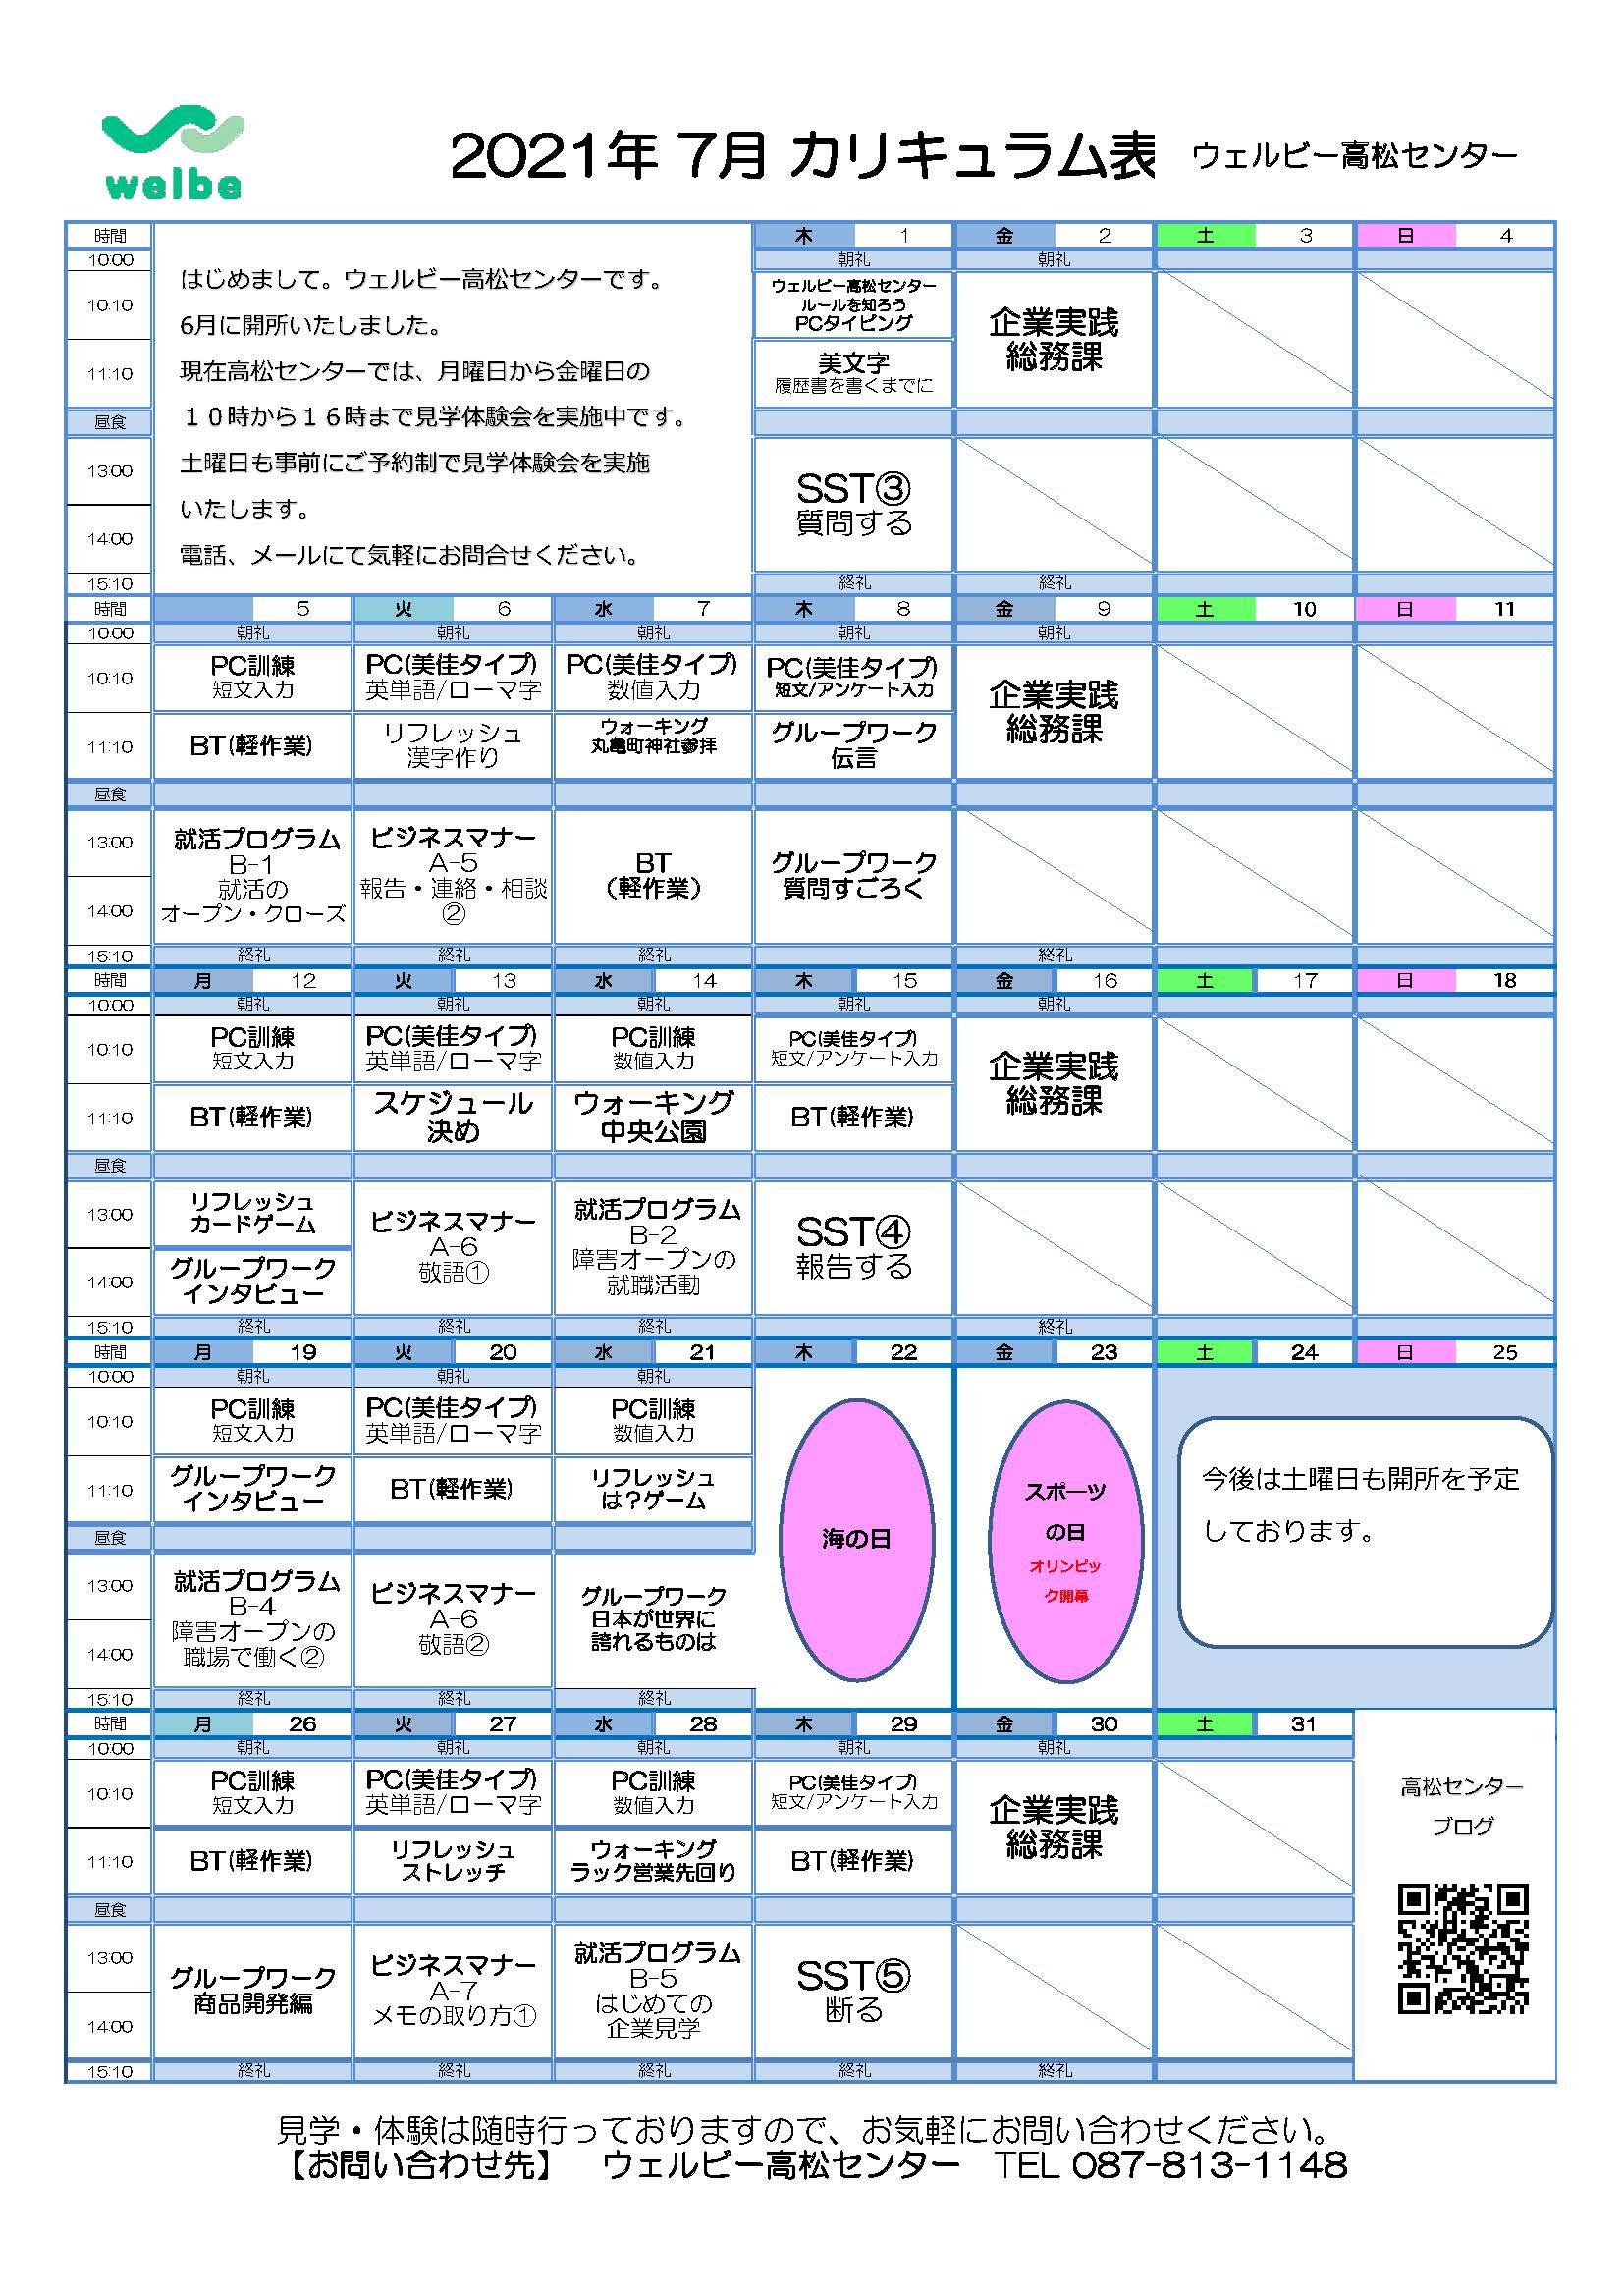 2021年カリキュラム表【ウェルビー高松センター】